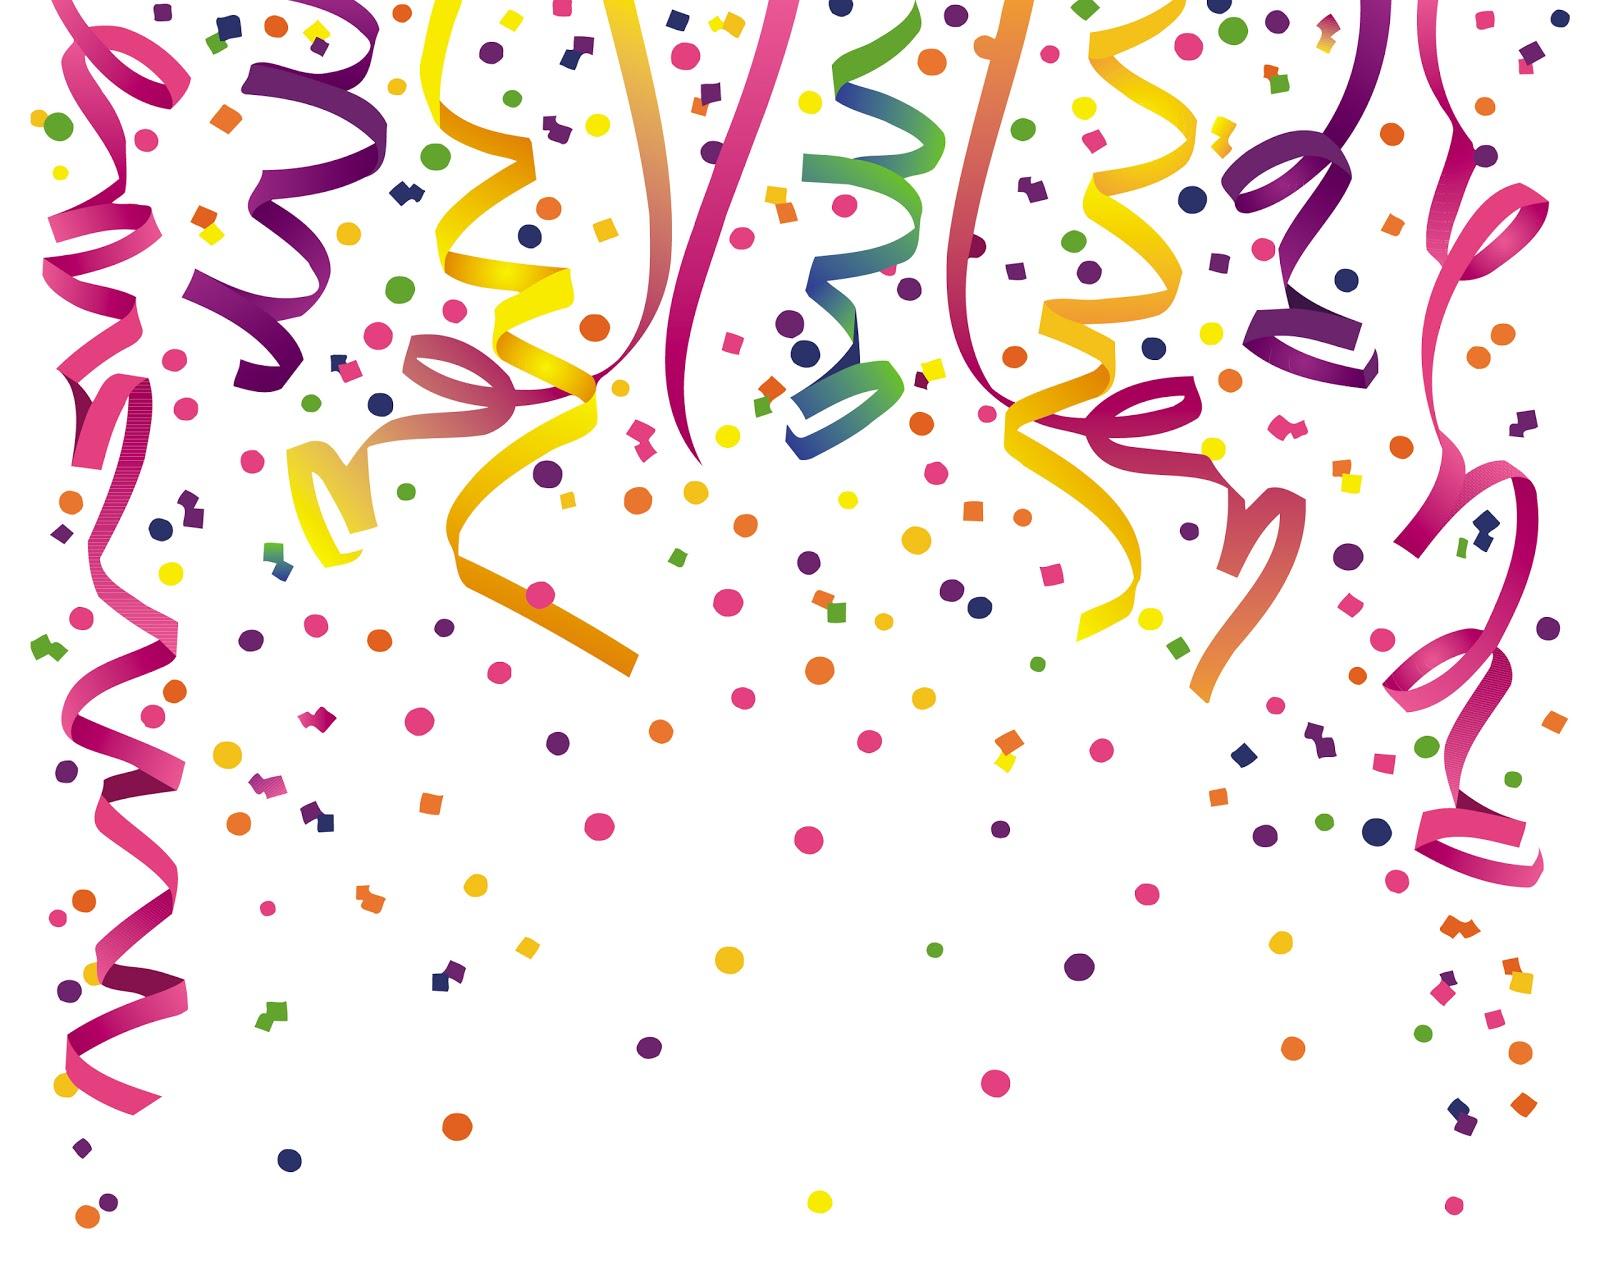 Fondos para Cumpleaños : Plantillas, recursos y más